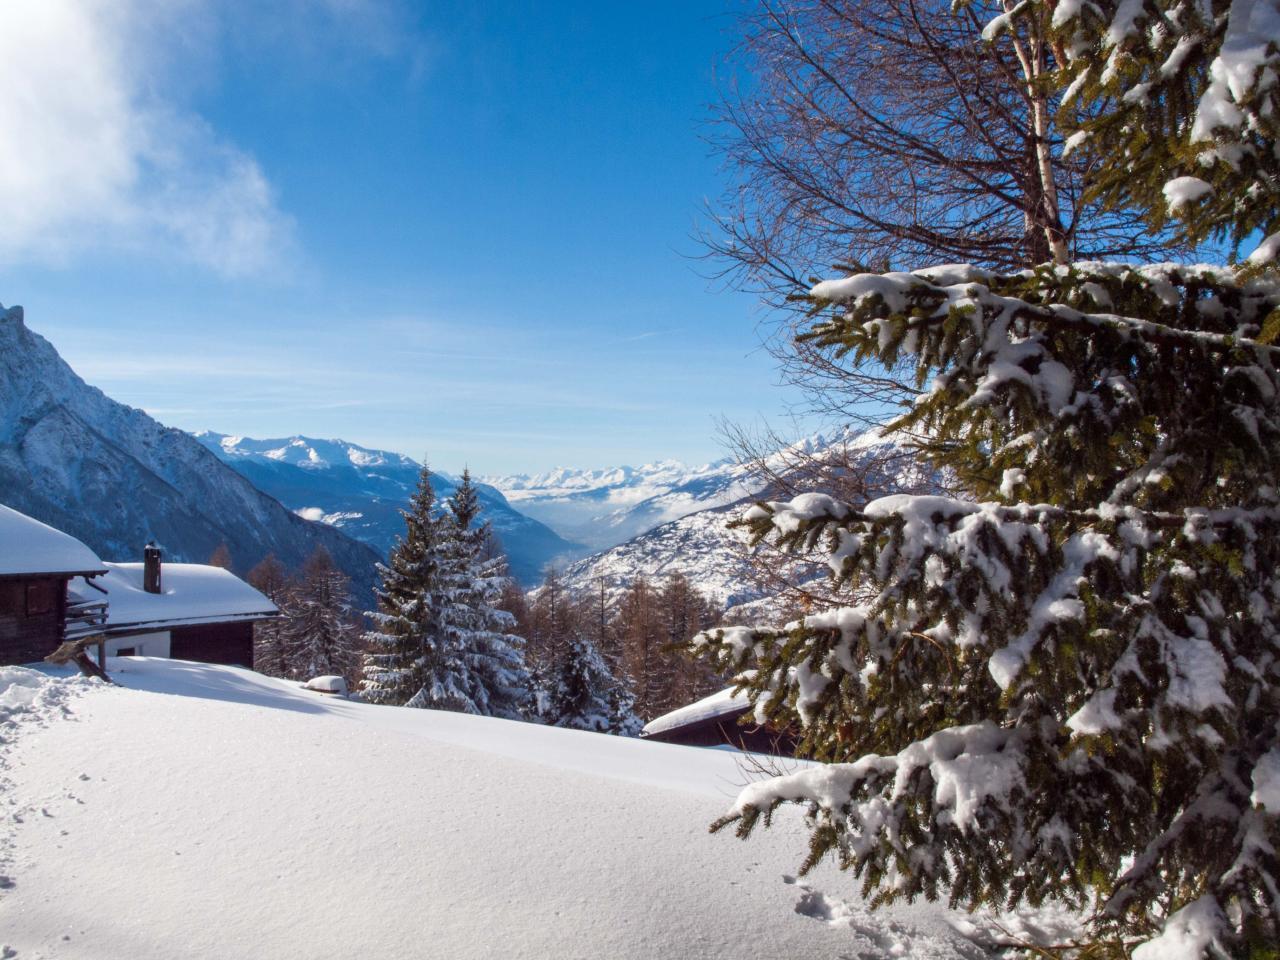 Ferienwohnung Chalet Bergfink | Ferienwohnung in den Walliser Bergen auf Rosswald (2311758), Rosswald, Brig - Simplon, Wallis, Schweiz, Bild 13